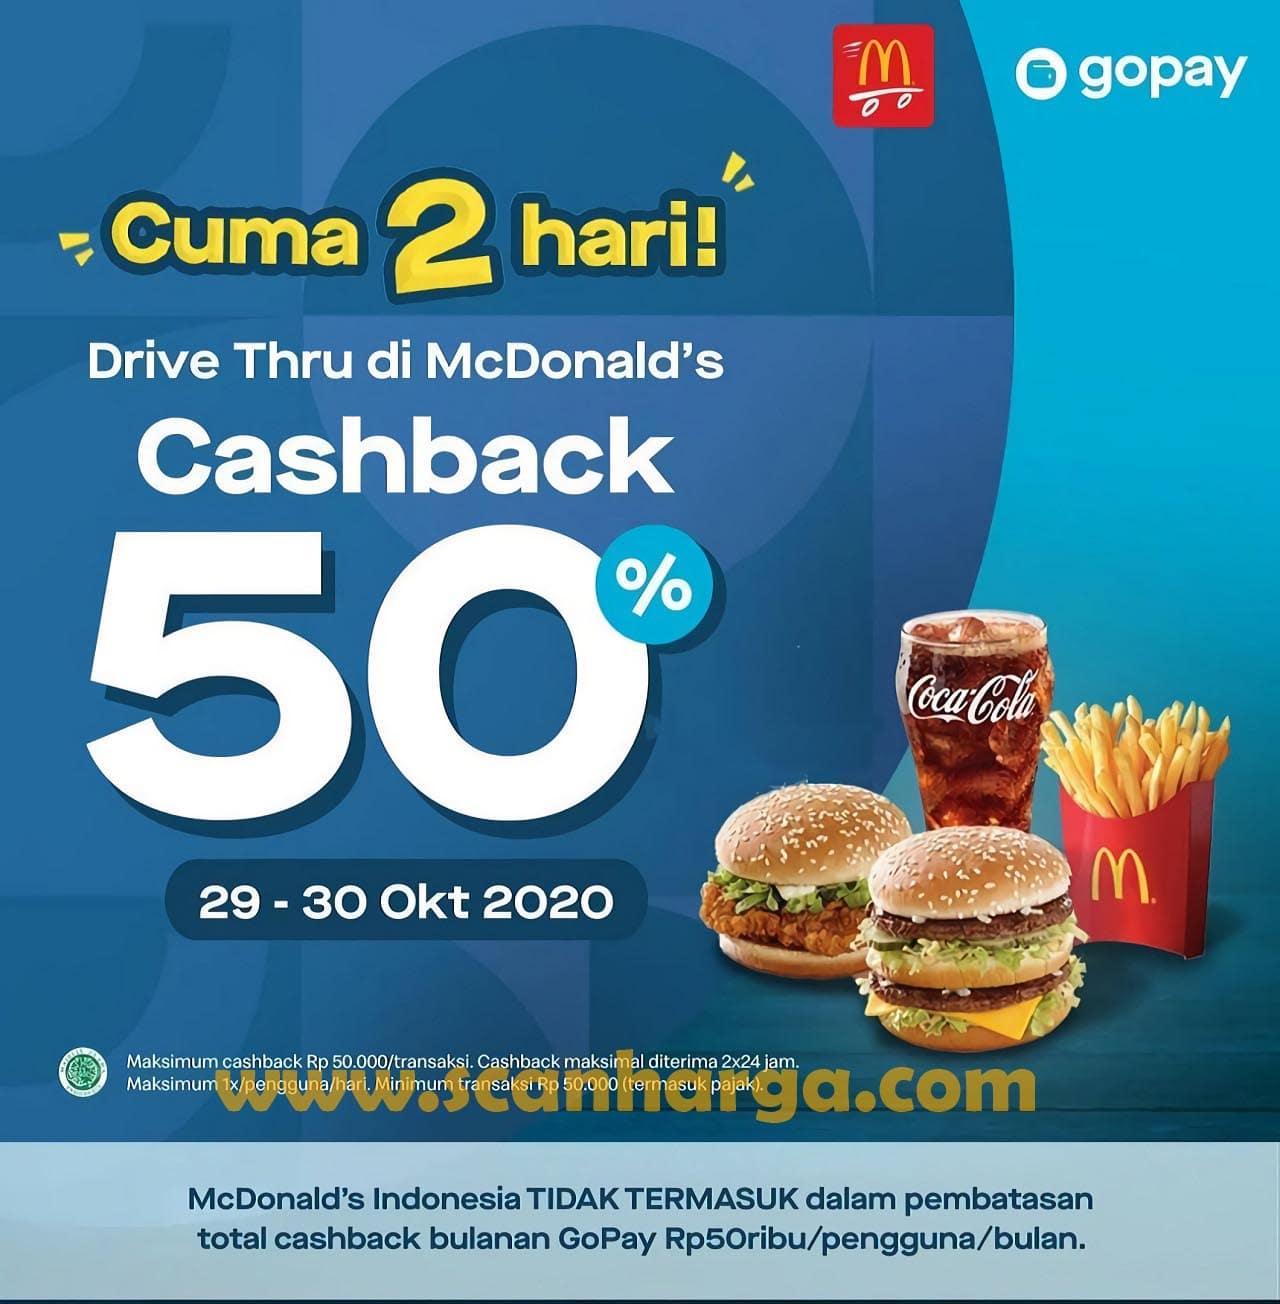 Promo McDonalds Drive Thru Cashback 50% khusus Pembayaran dengan GOPAY